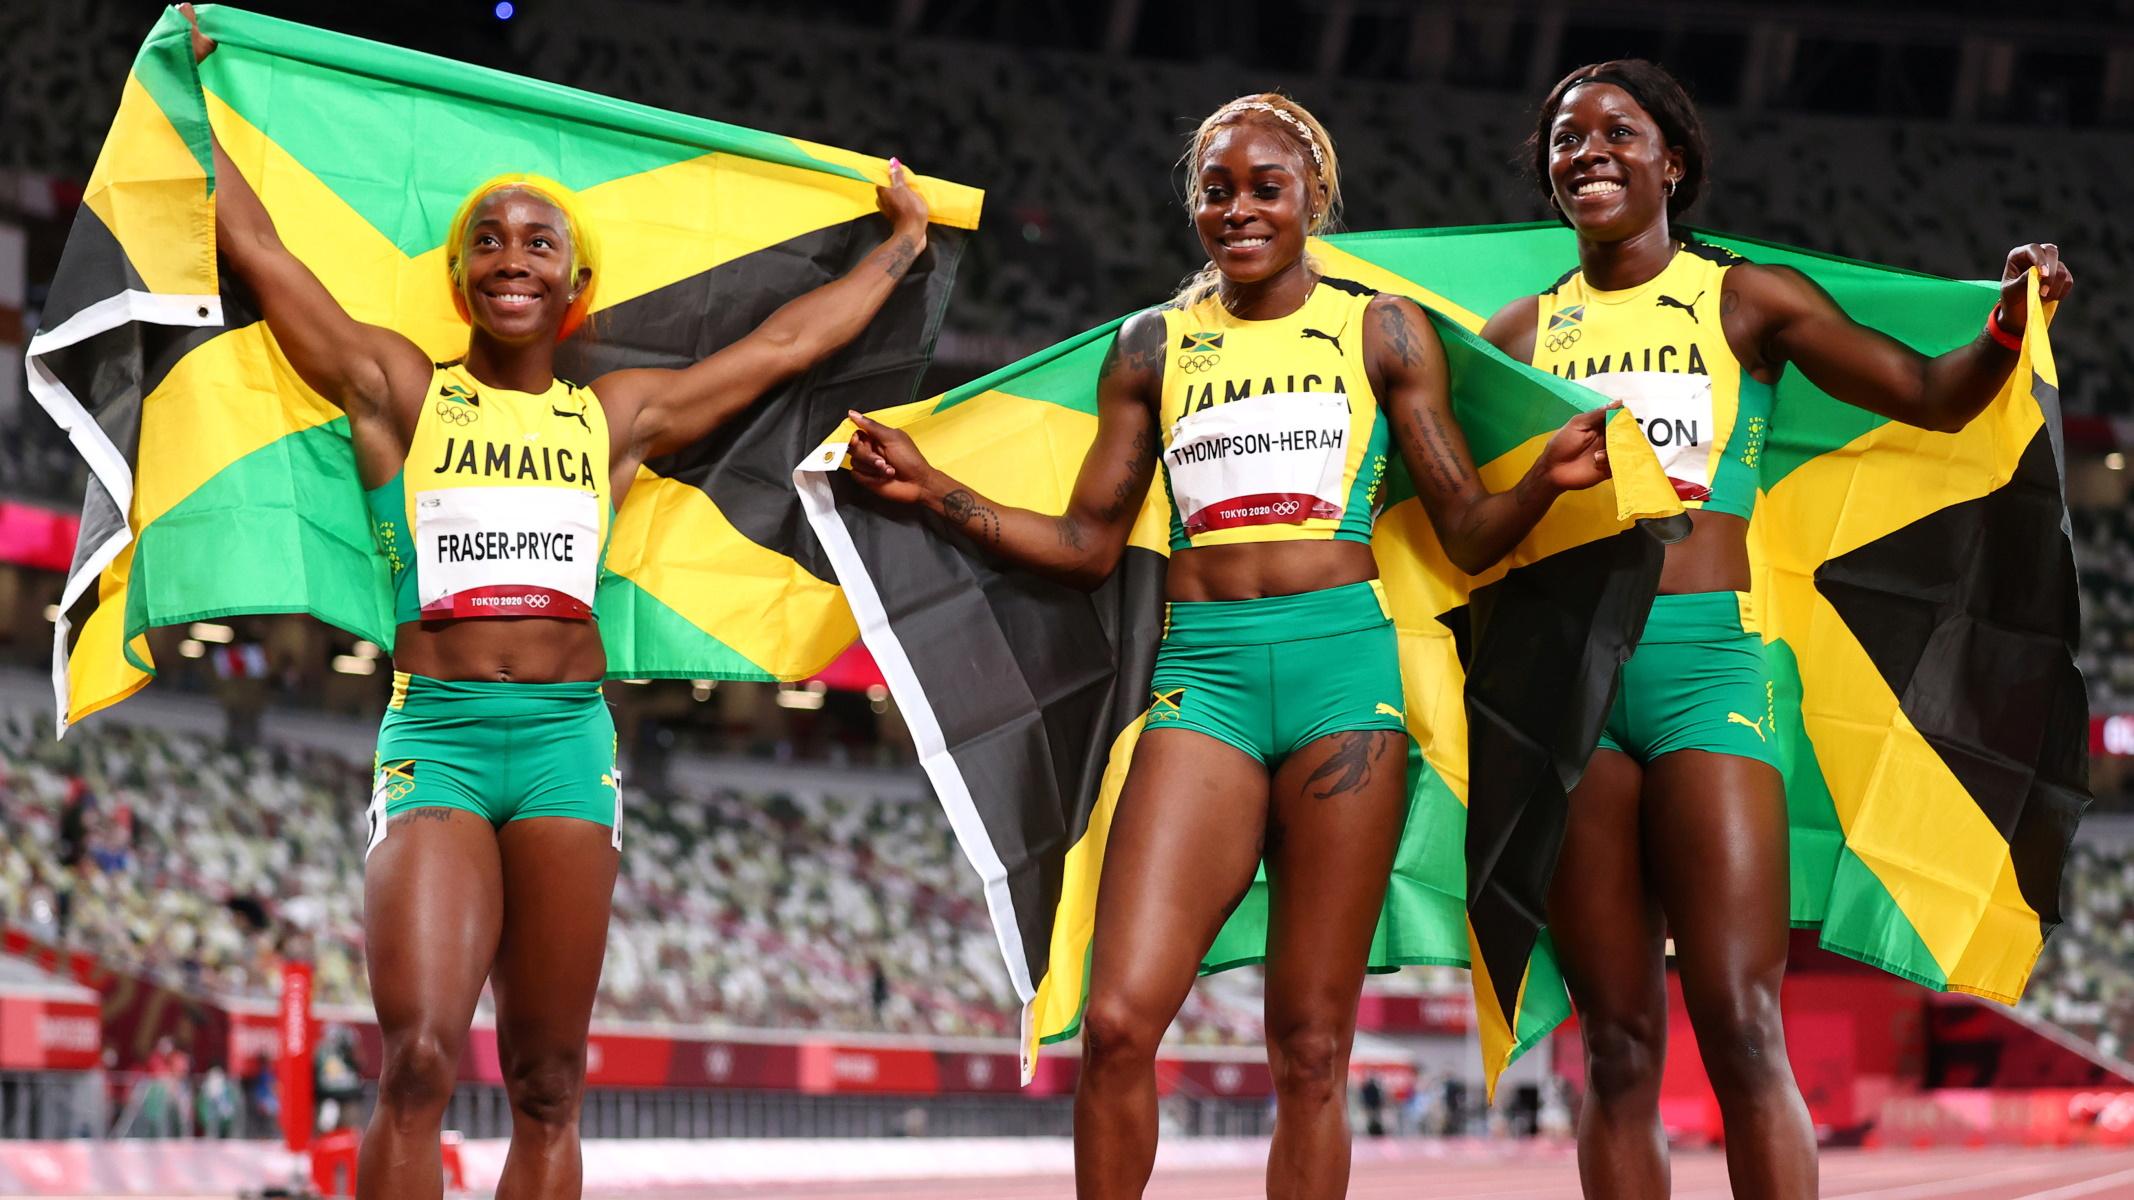 Ολυμπιακοί Αγώνες: «Χρυσή» και στο Τόκιο η Τόμπσον με ρεκόρ – Κυριαρχία για Τζαμάϊκα στα 100μ. γυναικών